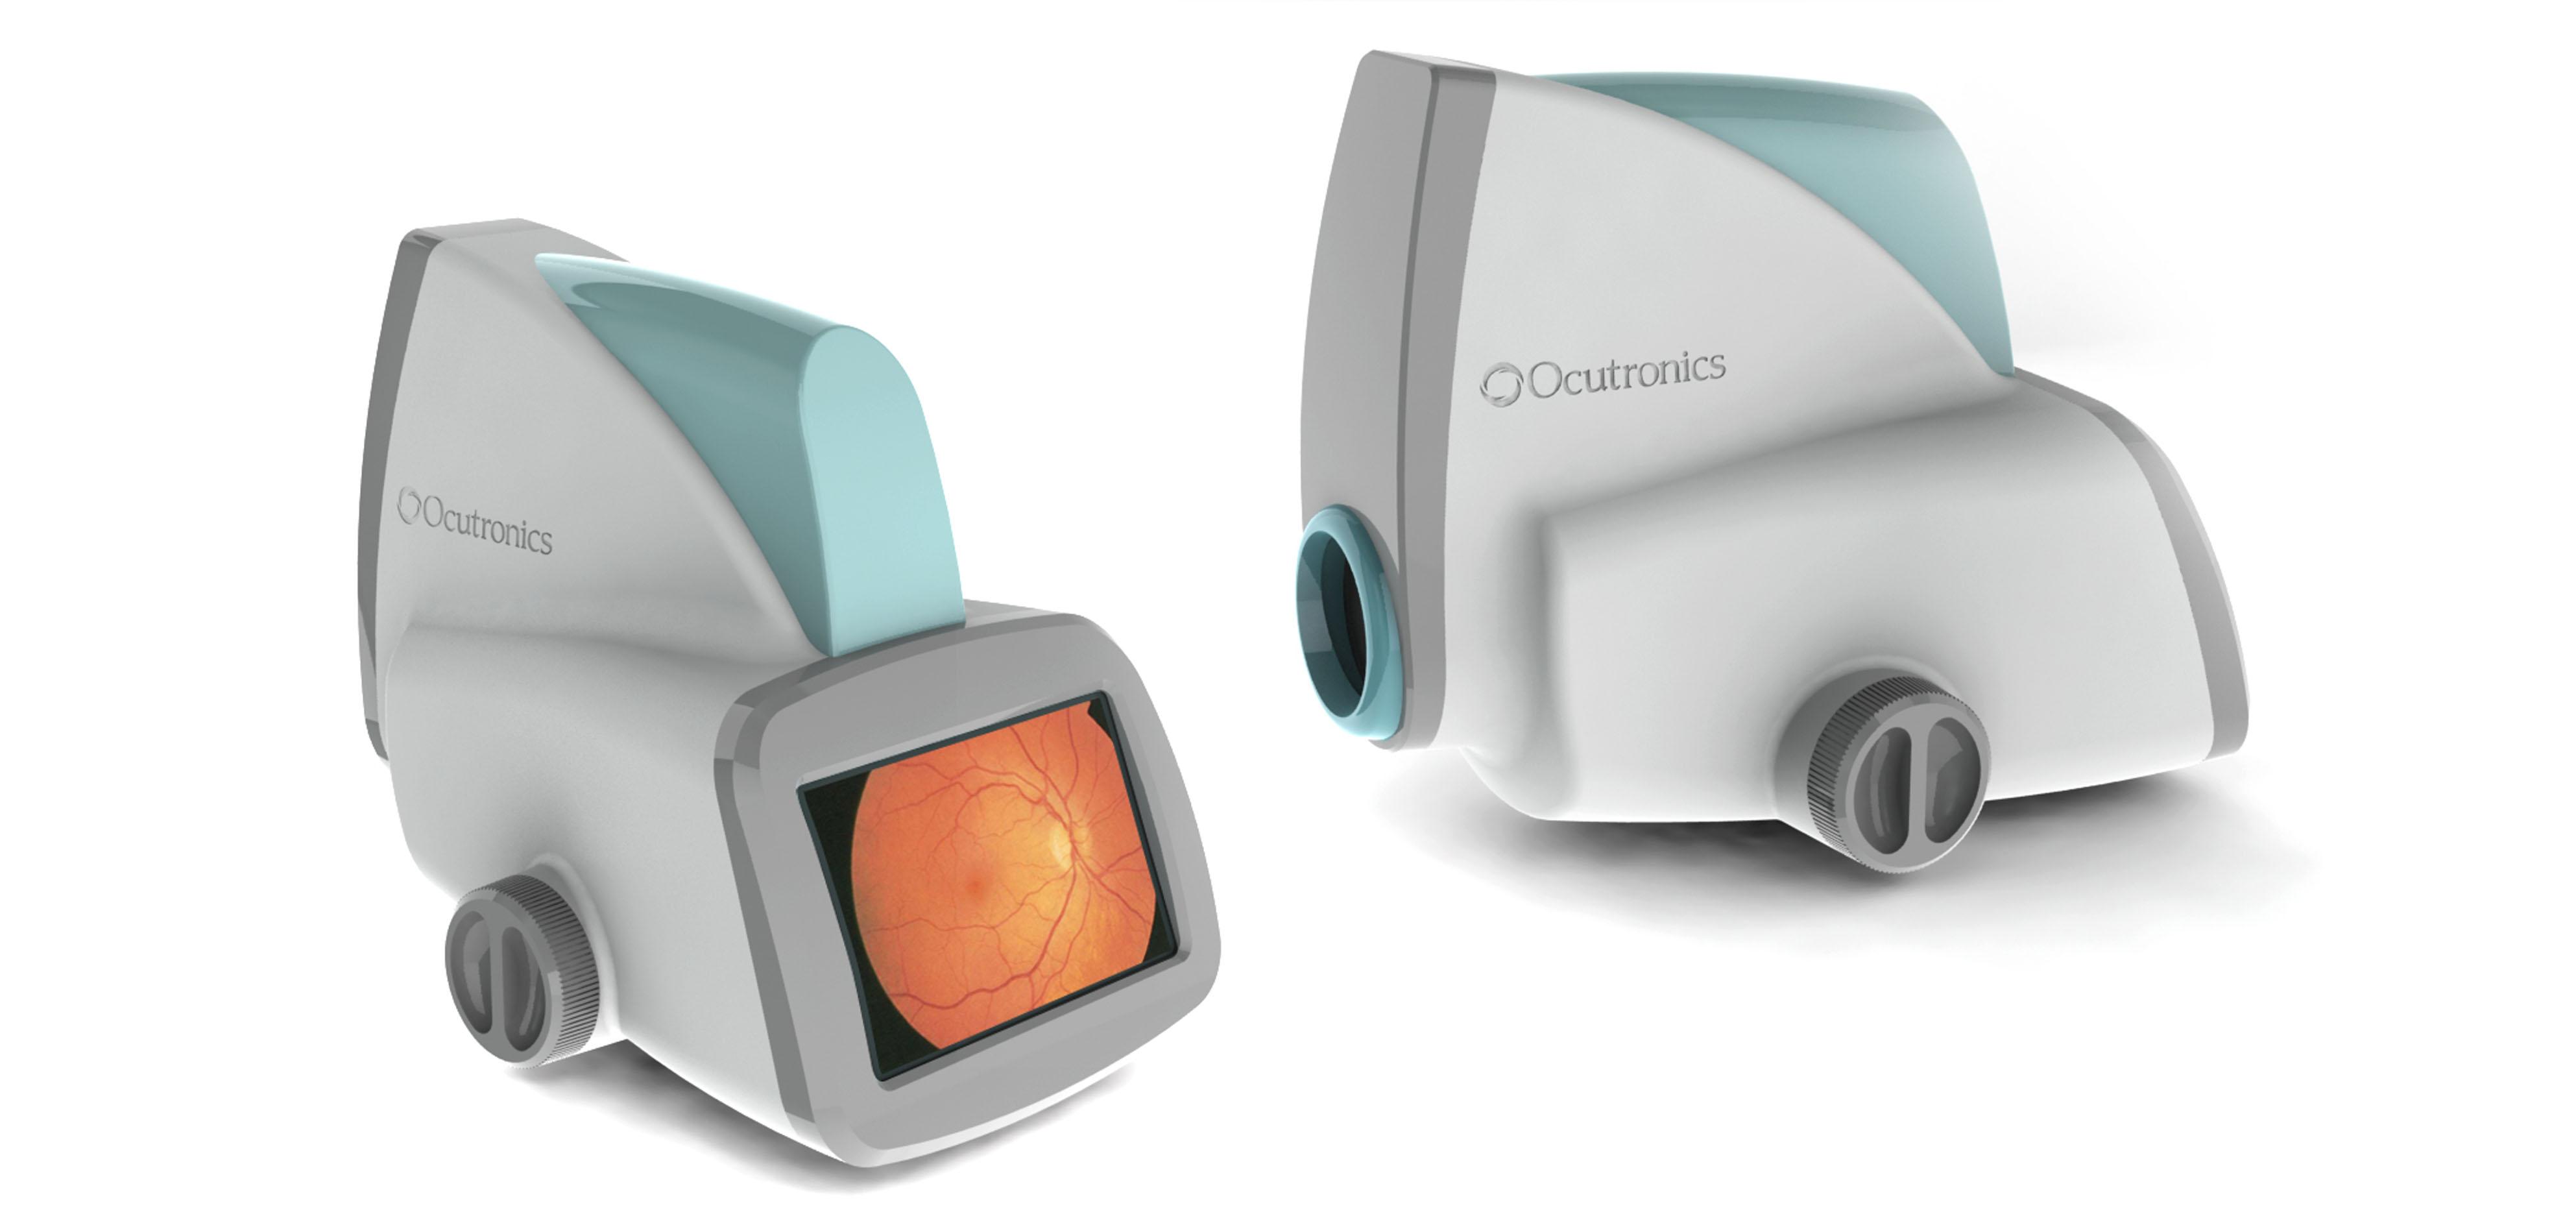 ocutronics for wix